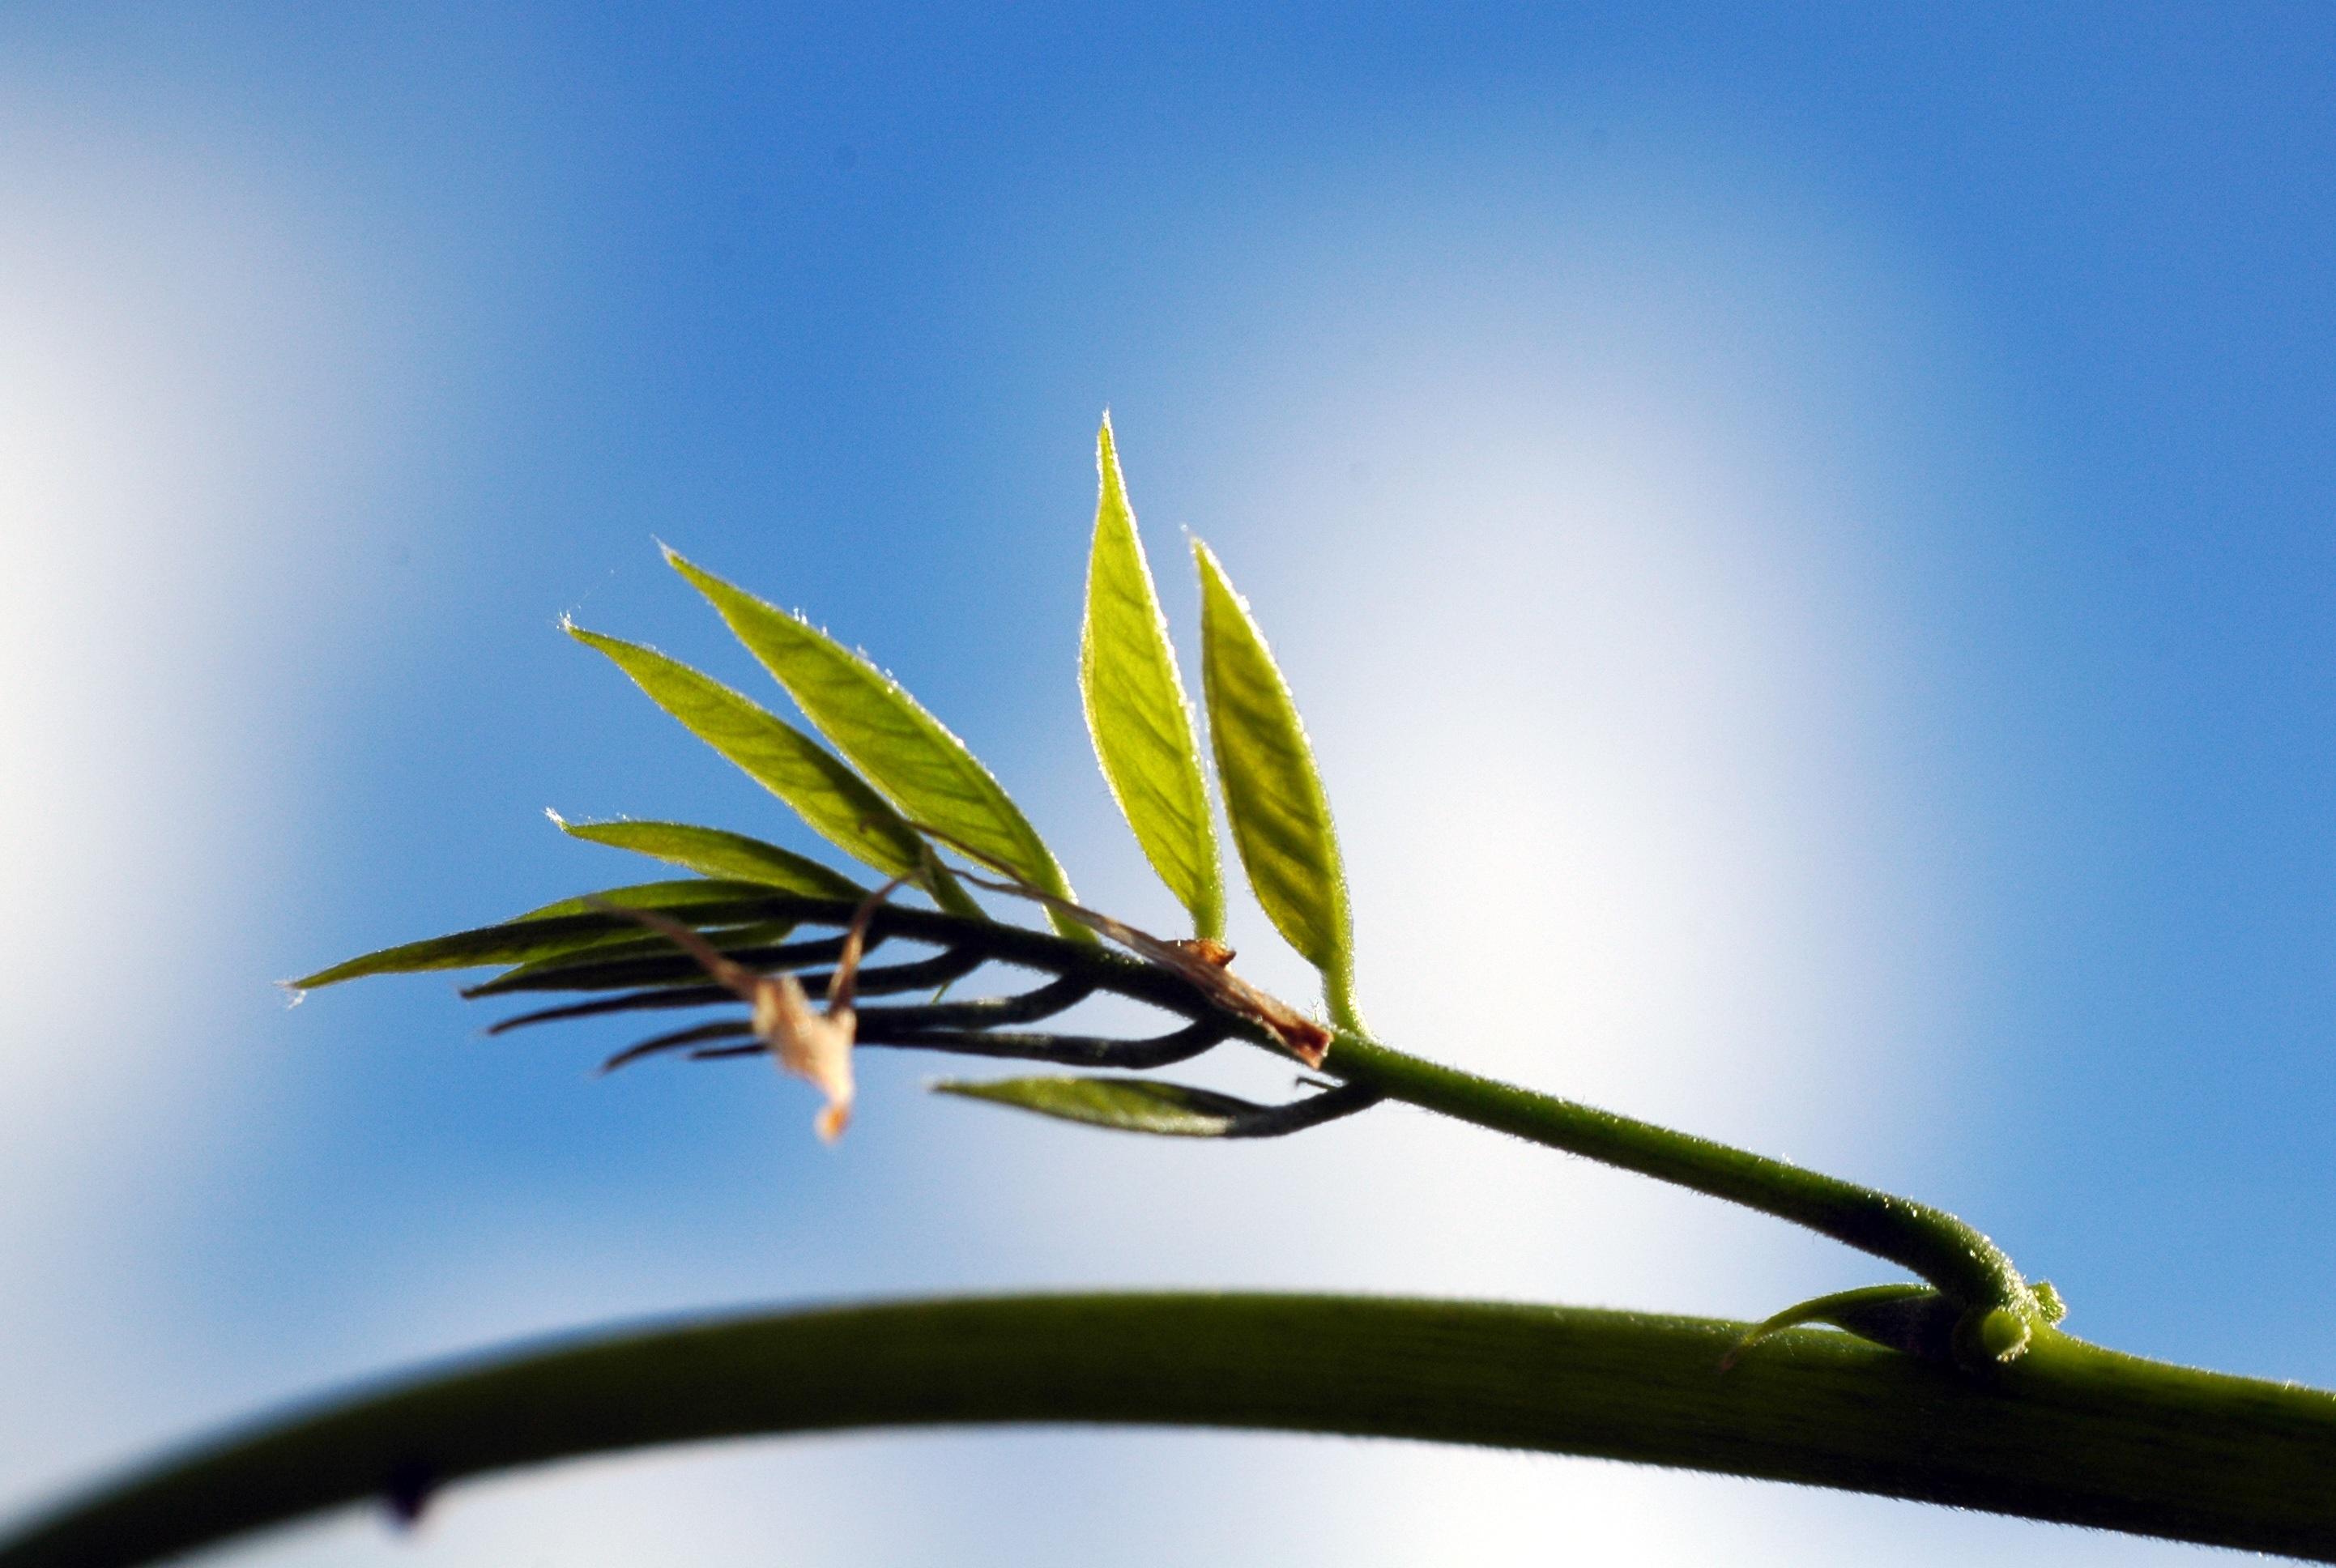 Fotoğraf Ağaç Doğa çimen şube Gökyüzü Fotoğrafçılık Güneş